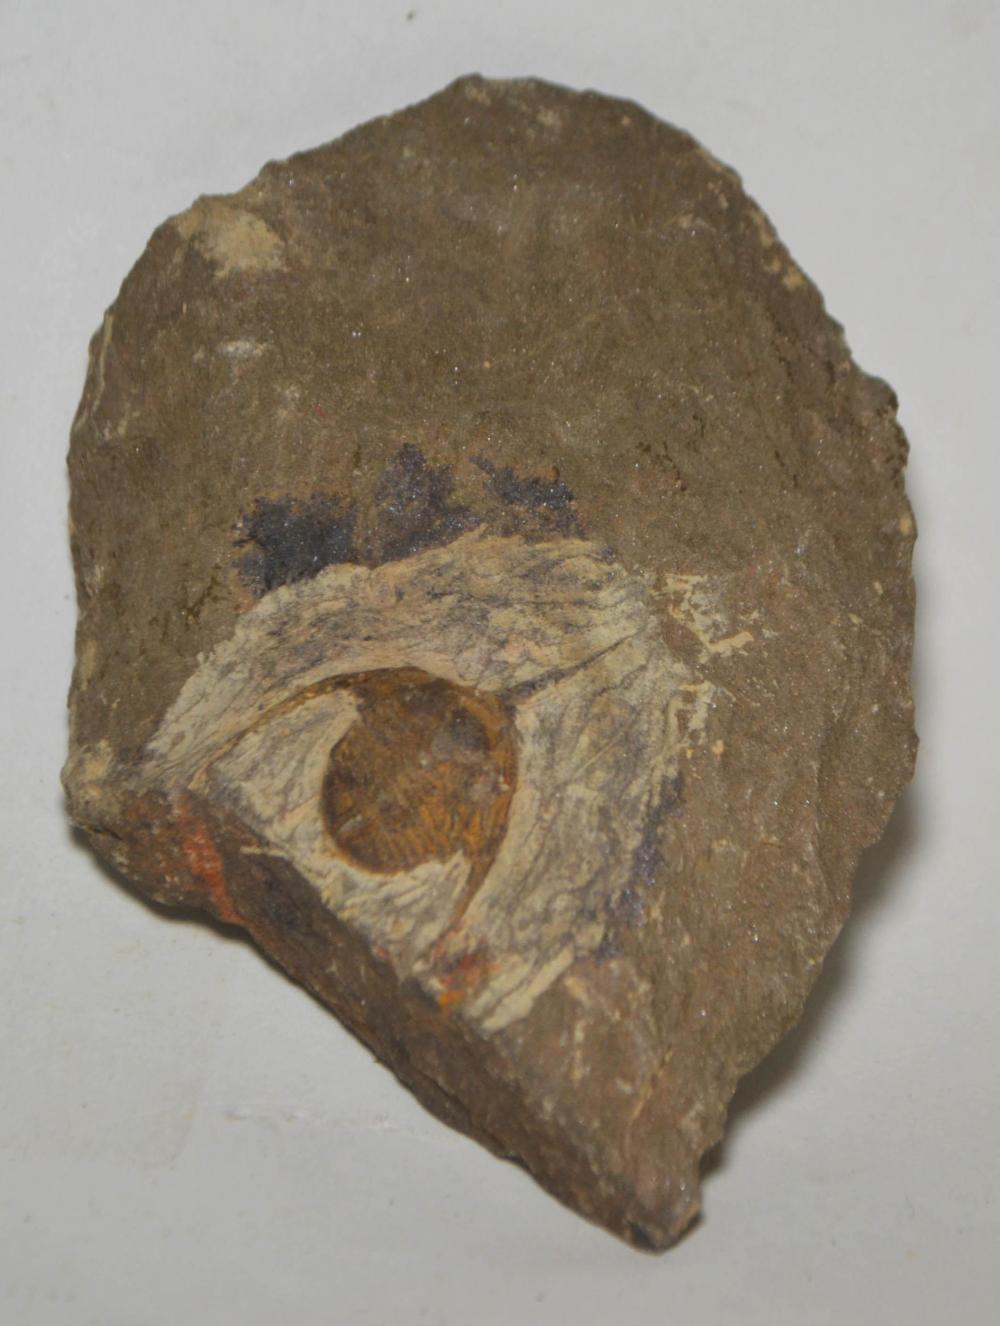 Ampyx Priscus